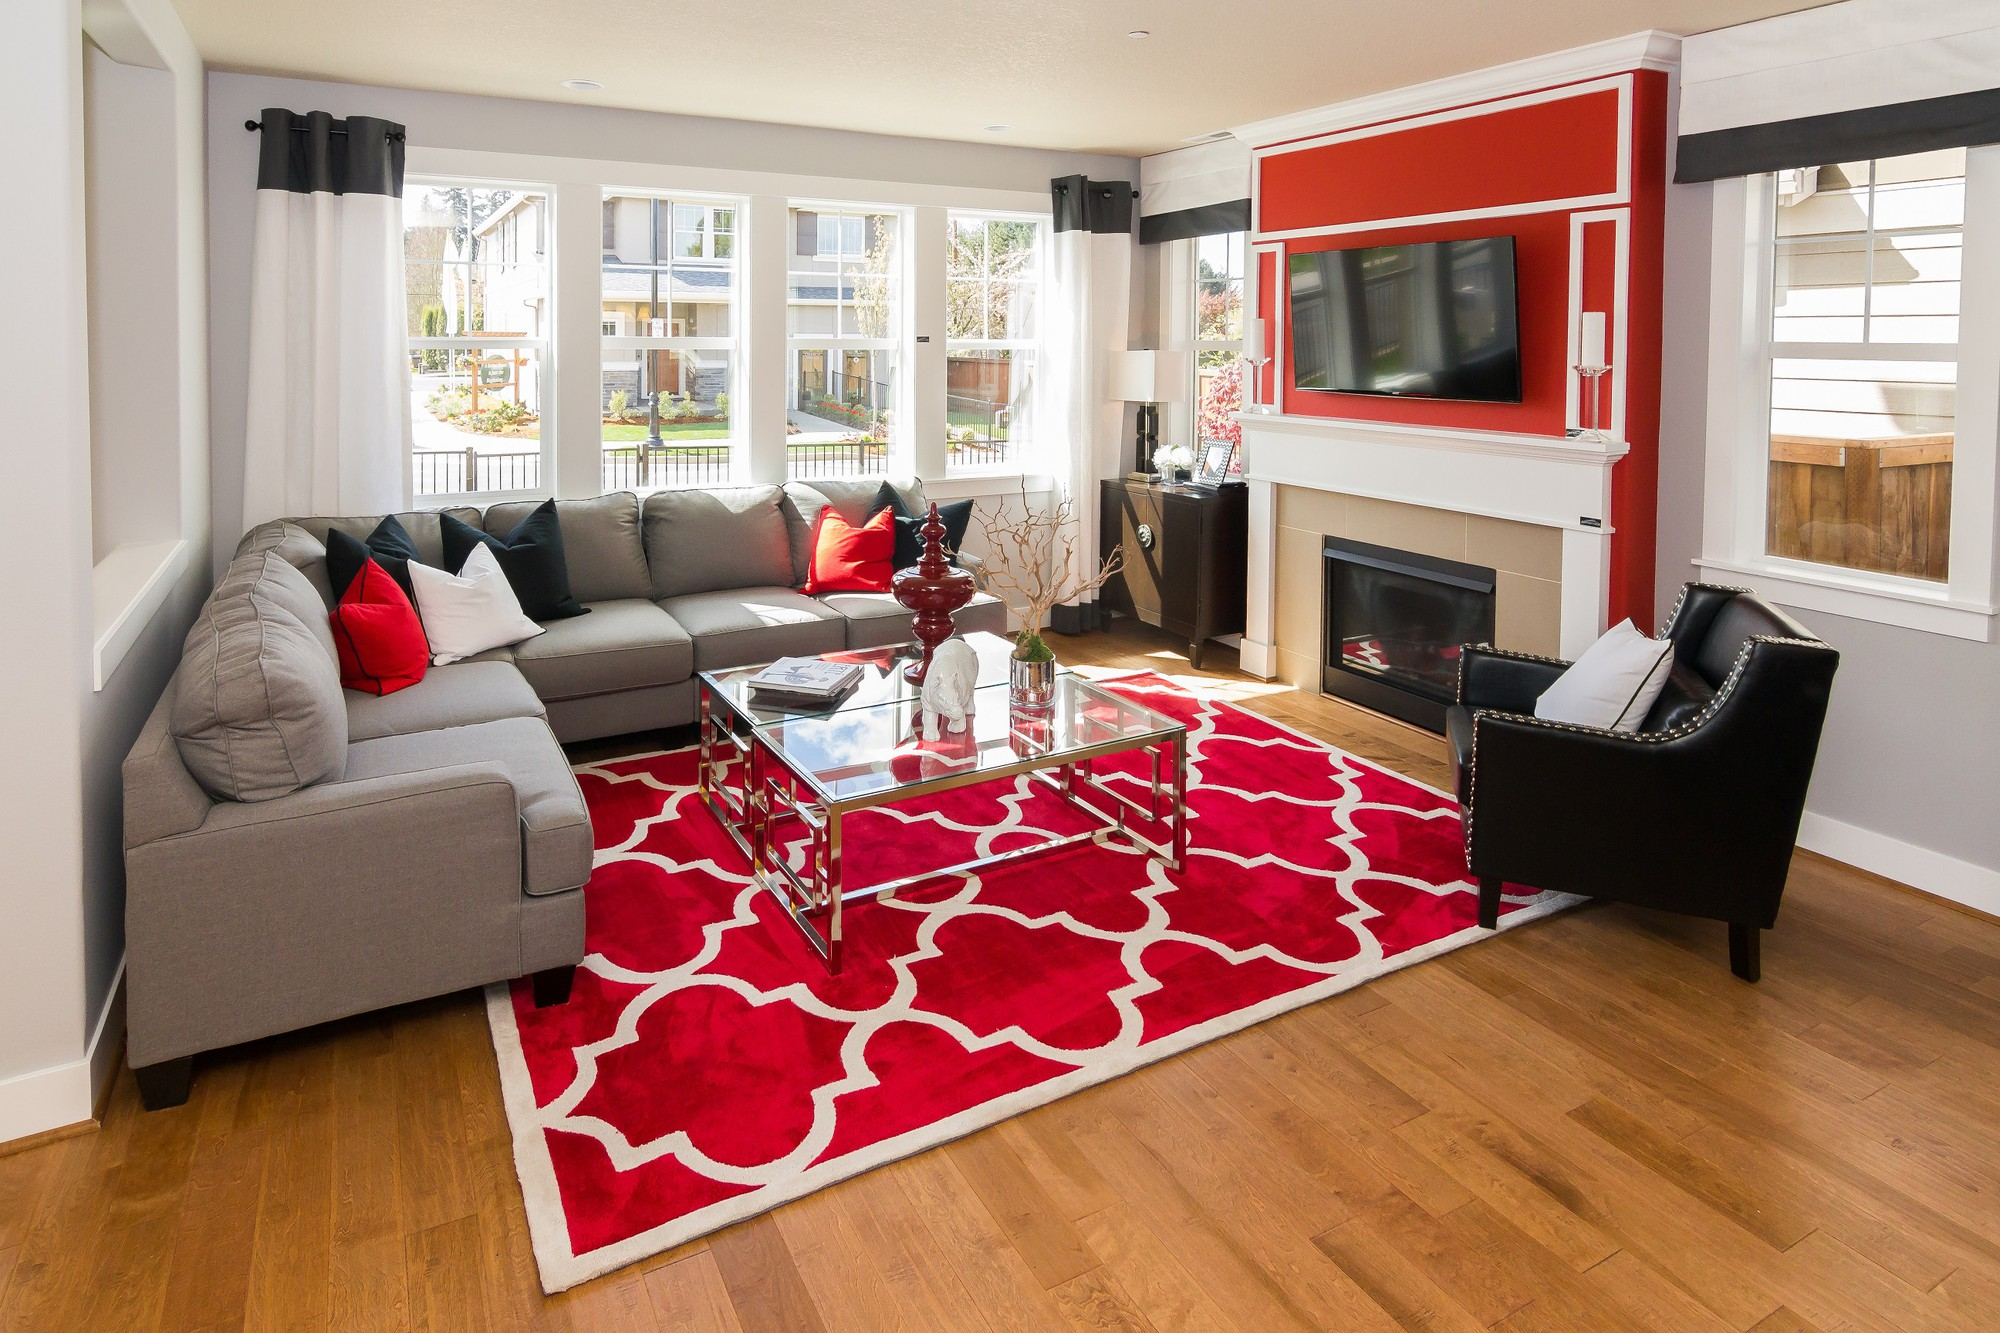 Gợi ý 14 mẫu thảm trải sàn rực rỡ giúp căn phòng biến thành cầu vồng đẹp mắt - Ảnh 5.